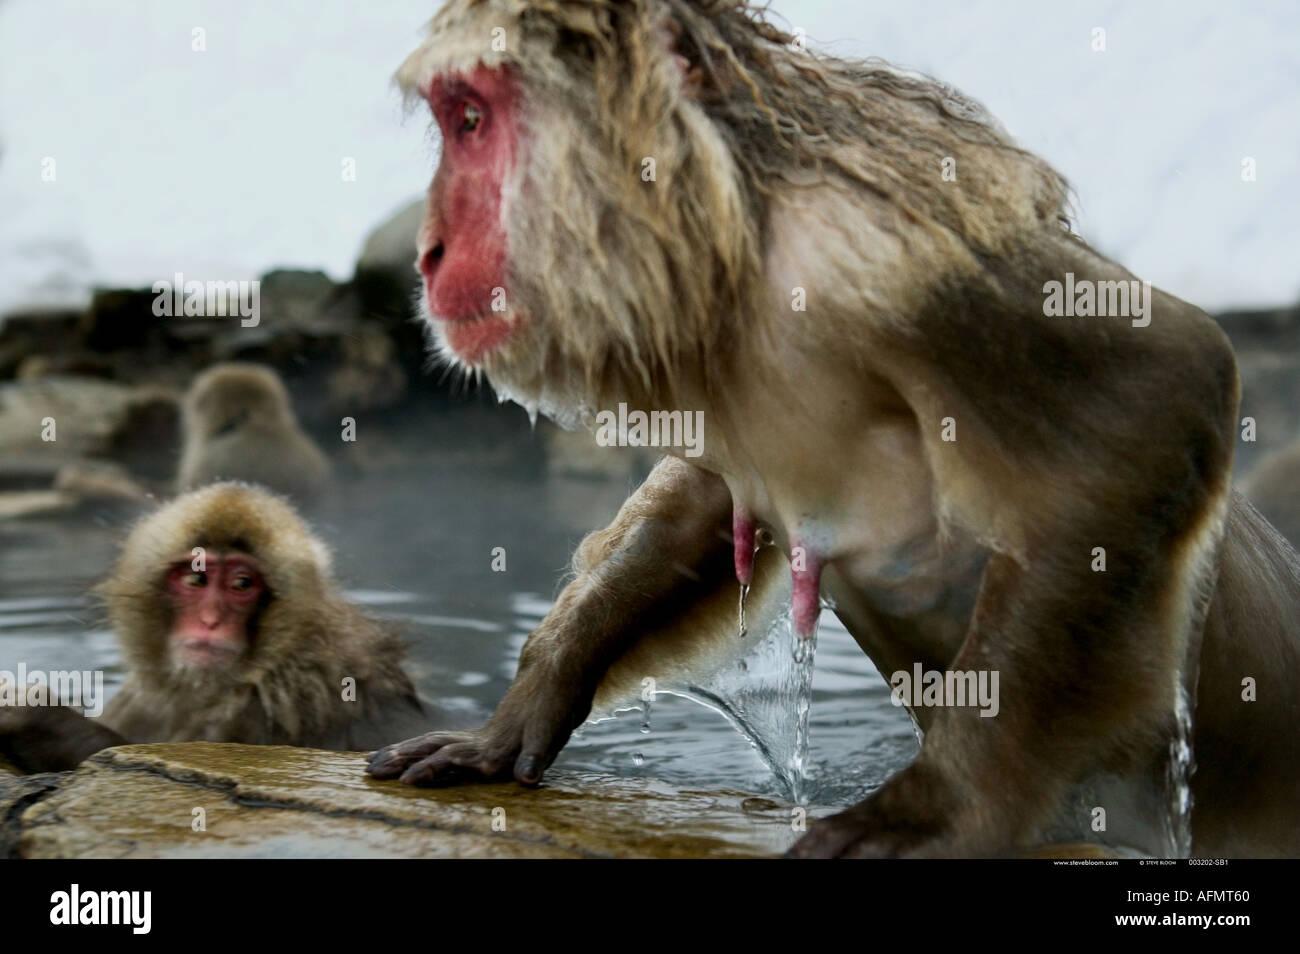 Snow monkey arrampicata fuori delle sorgenti di acqua calda Jigokudani Parco Nazionale del Giappone Immagini Stock